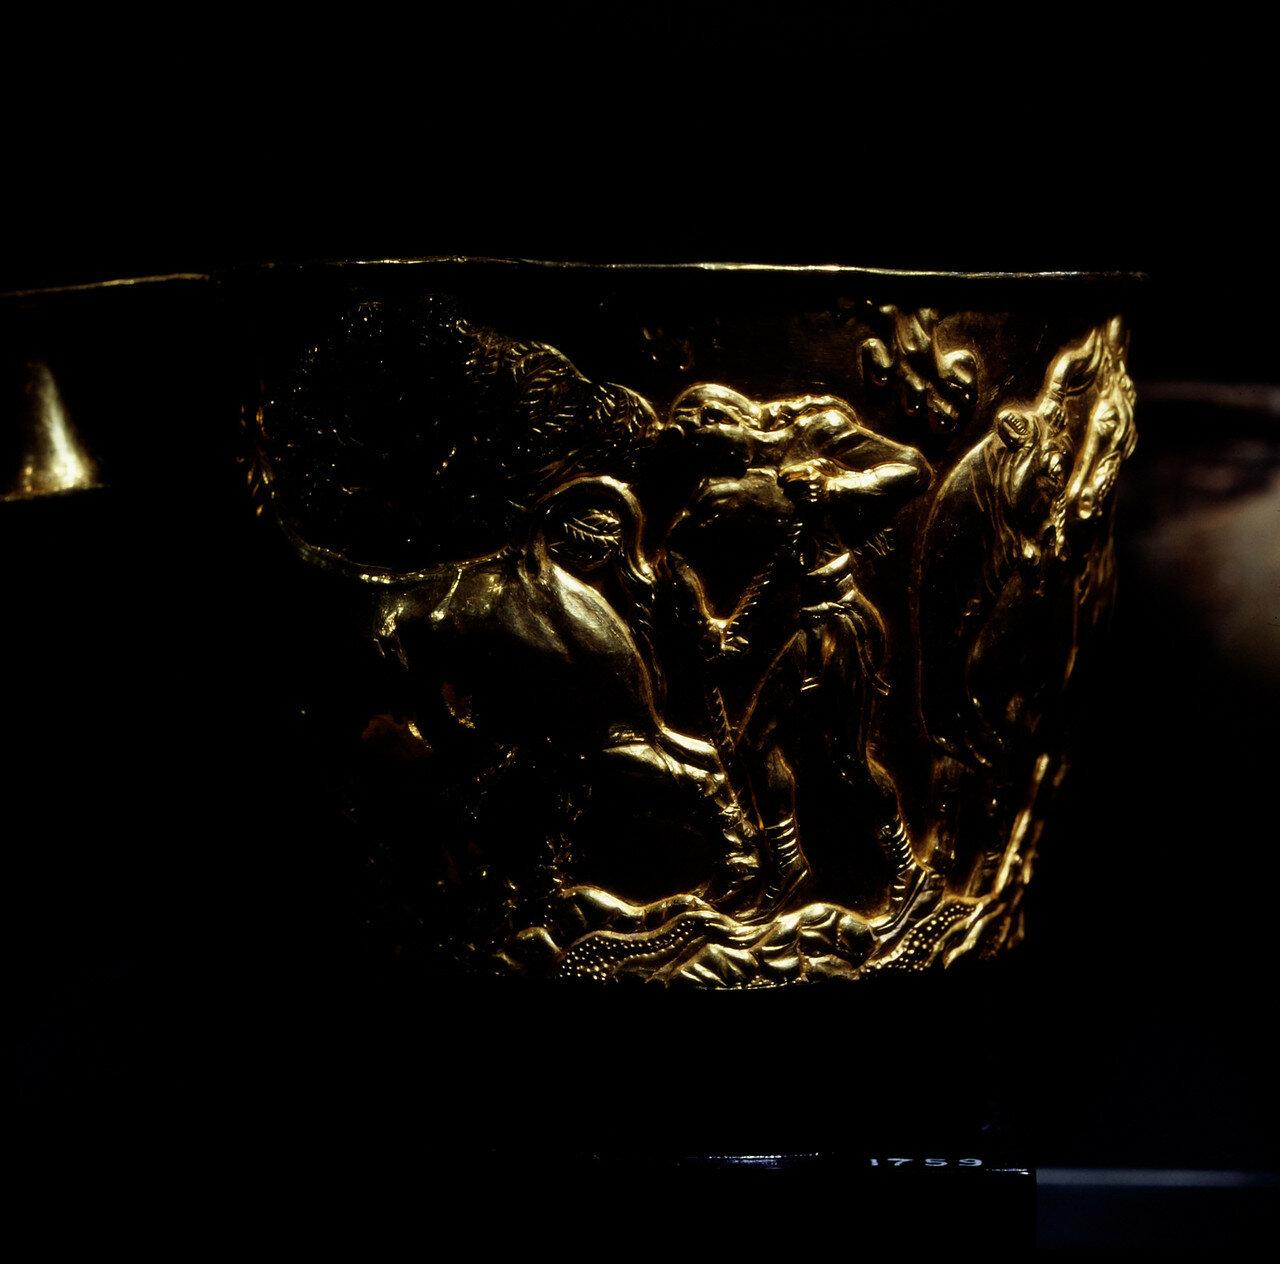 Золотой кубок с Крита, высота 8 см. XV в. до н.э.